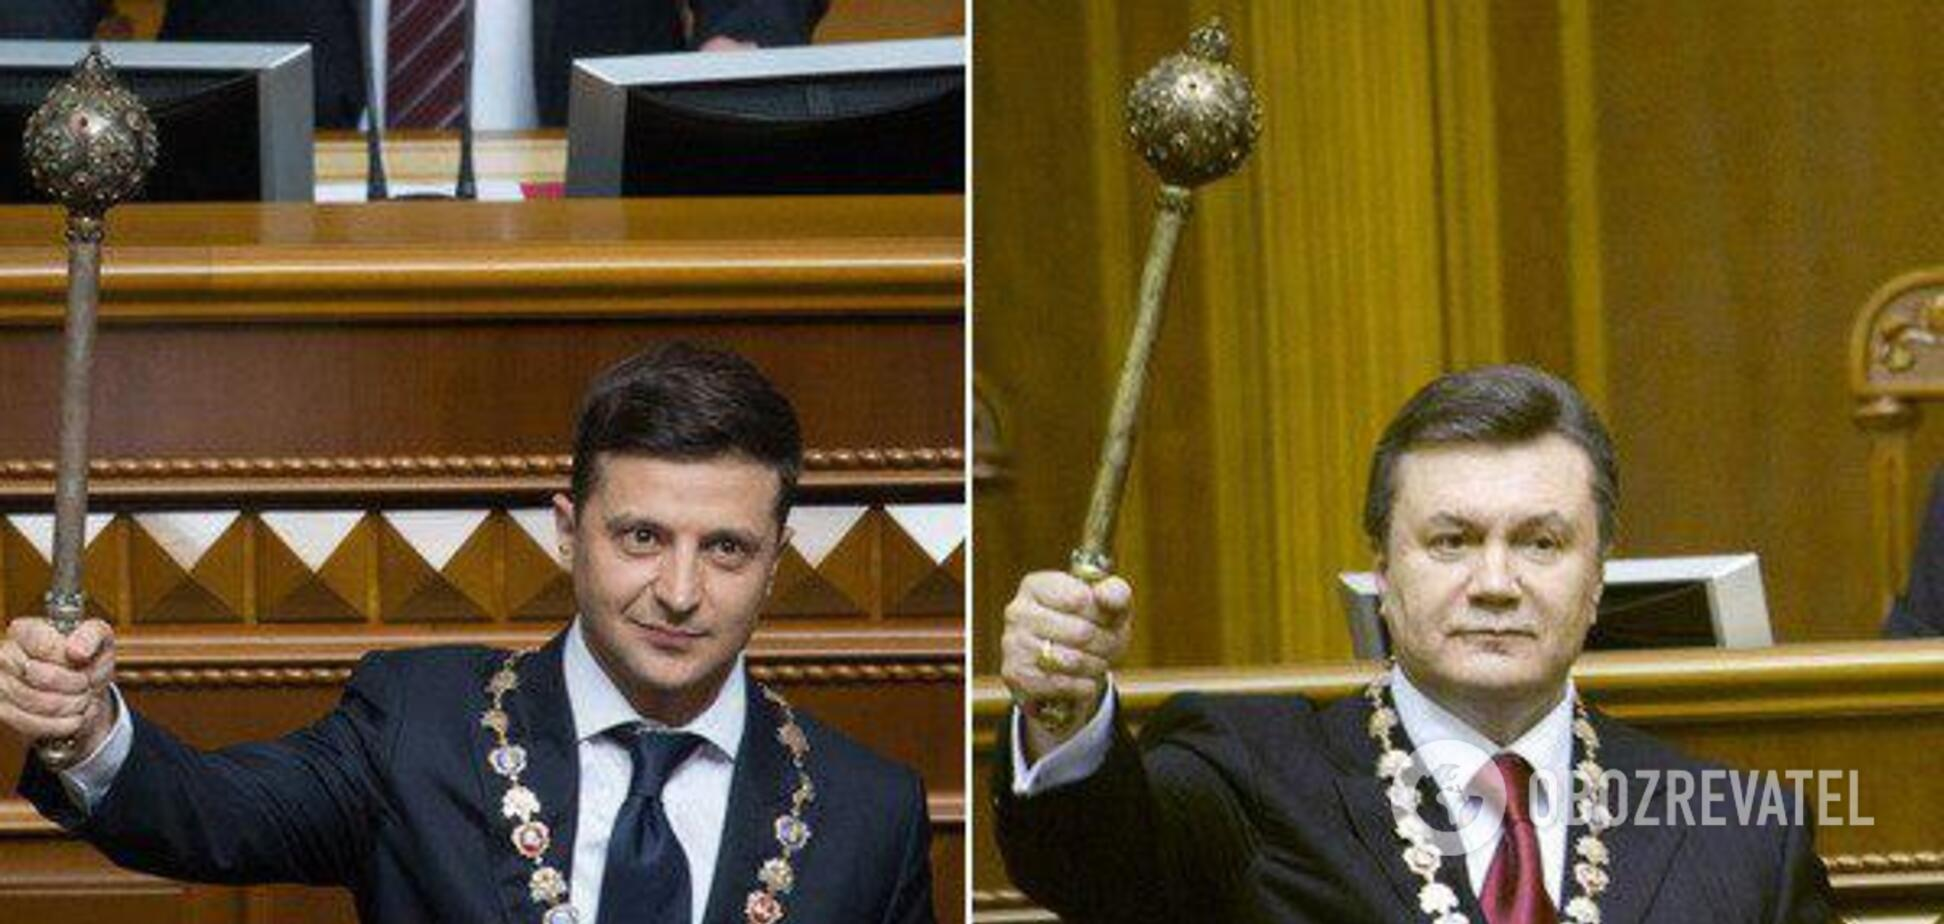 'Зеленський — новий Янукович': Портников розкрив план 'хаотизації' України